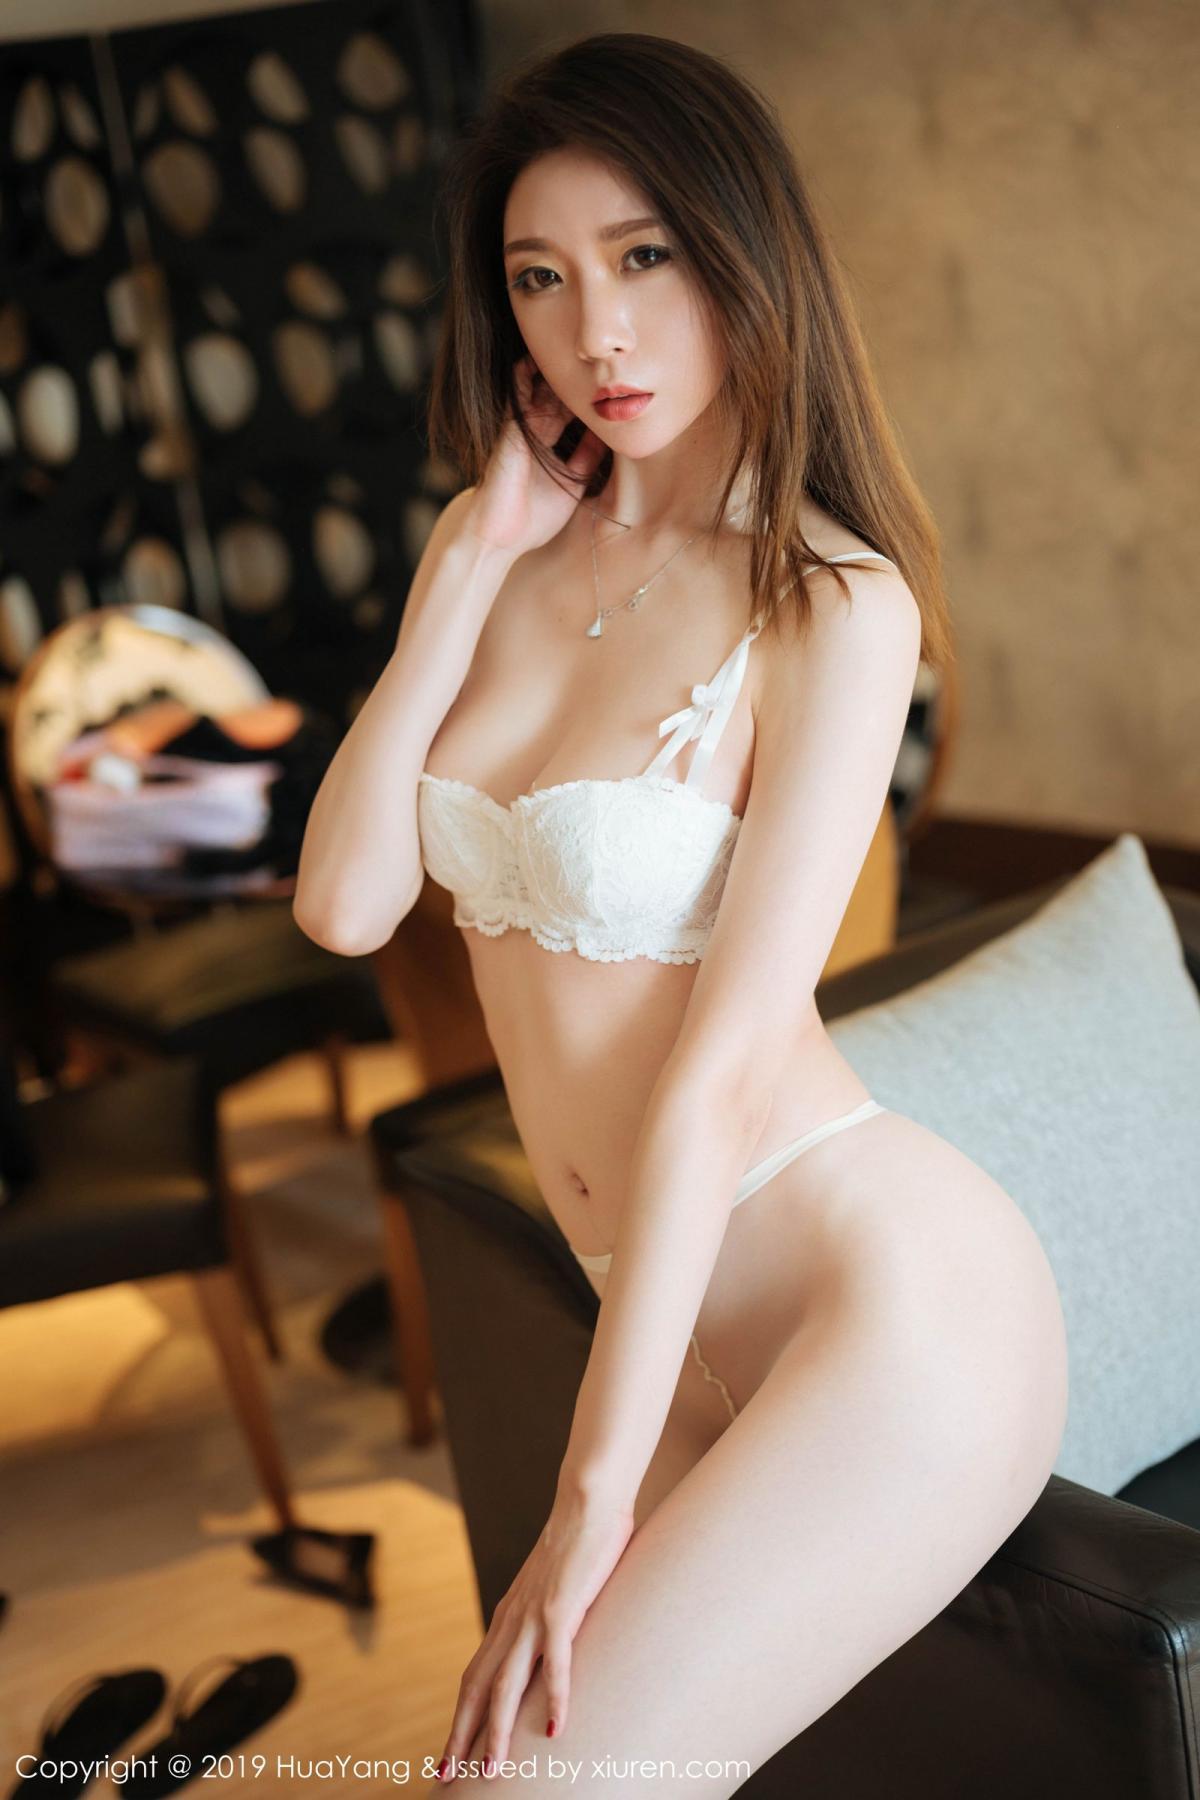 [Huayang] Vol.170 Meng Xin Yue 28P, HuaYang, Meng Xin Yue, Tall, Underwear